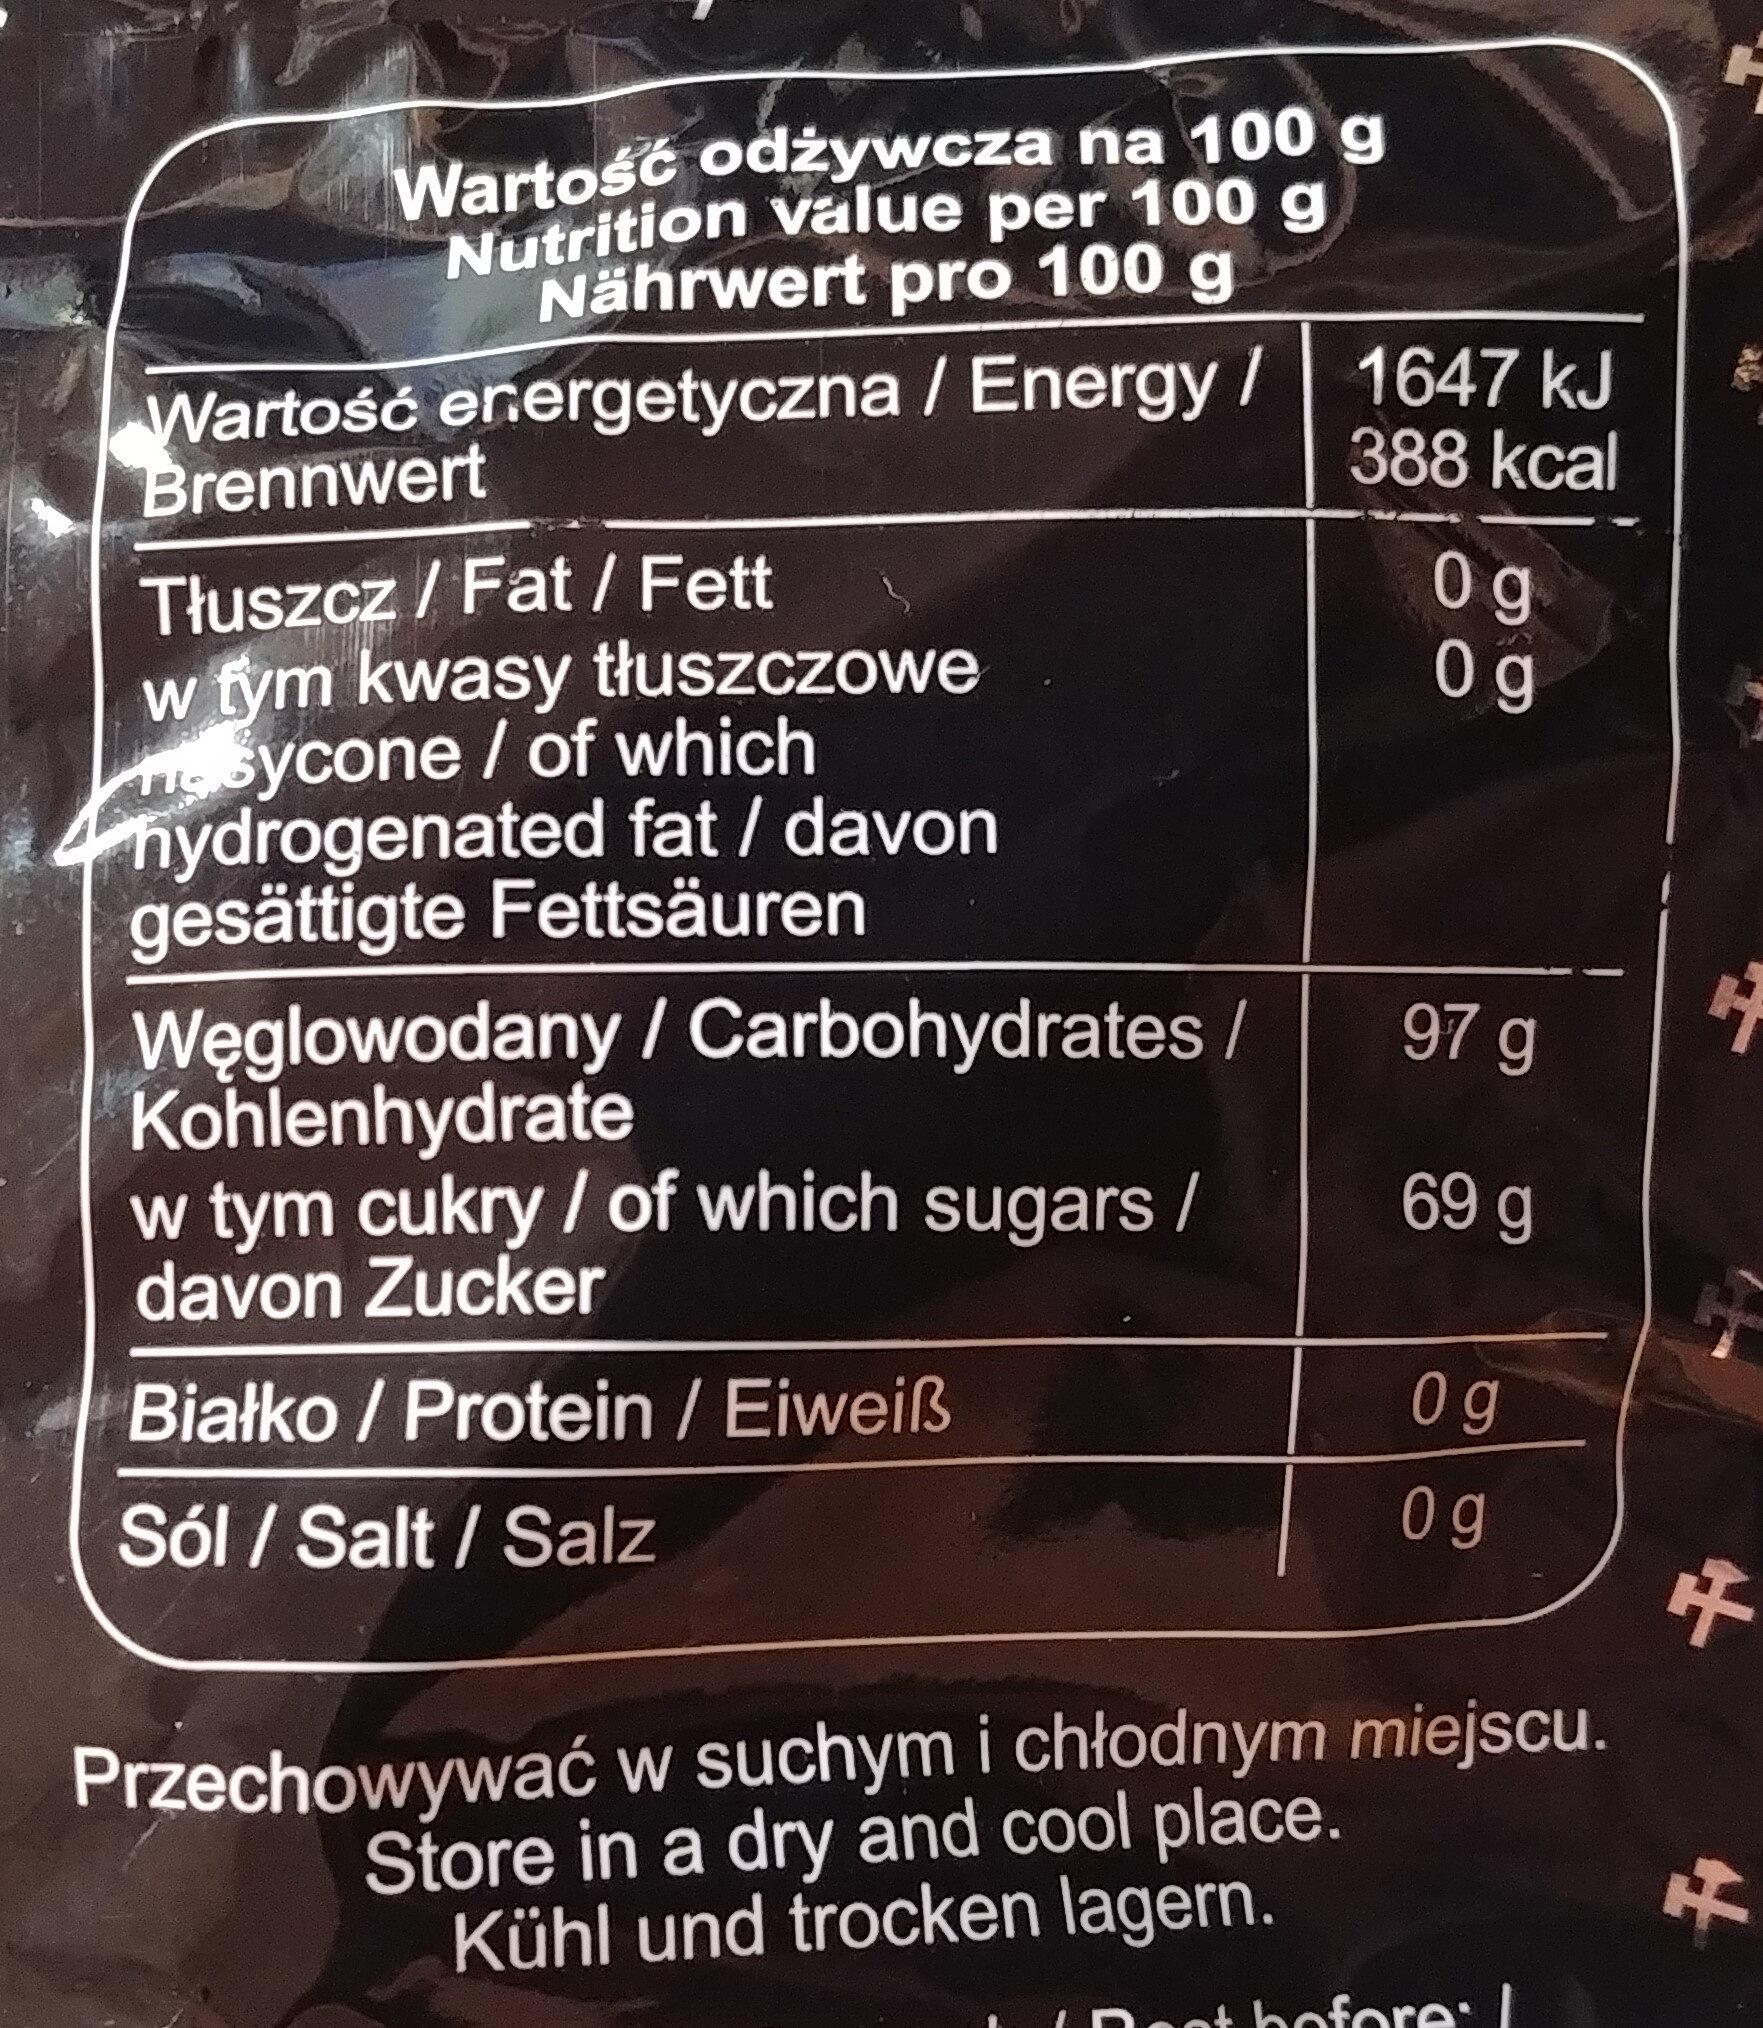 Cukierki ziołowe. Kopalnioki - Wartości odżywcze